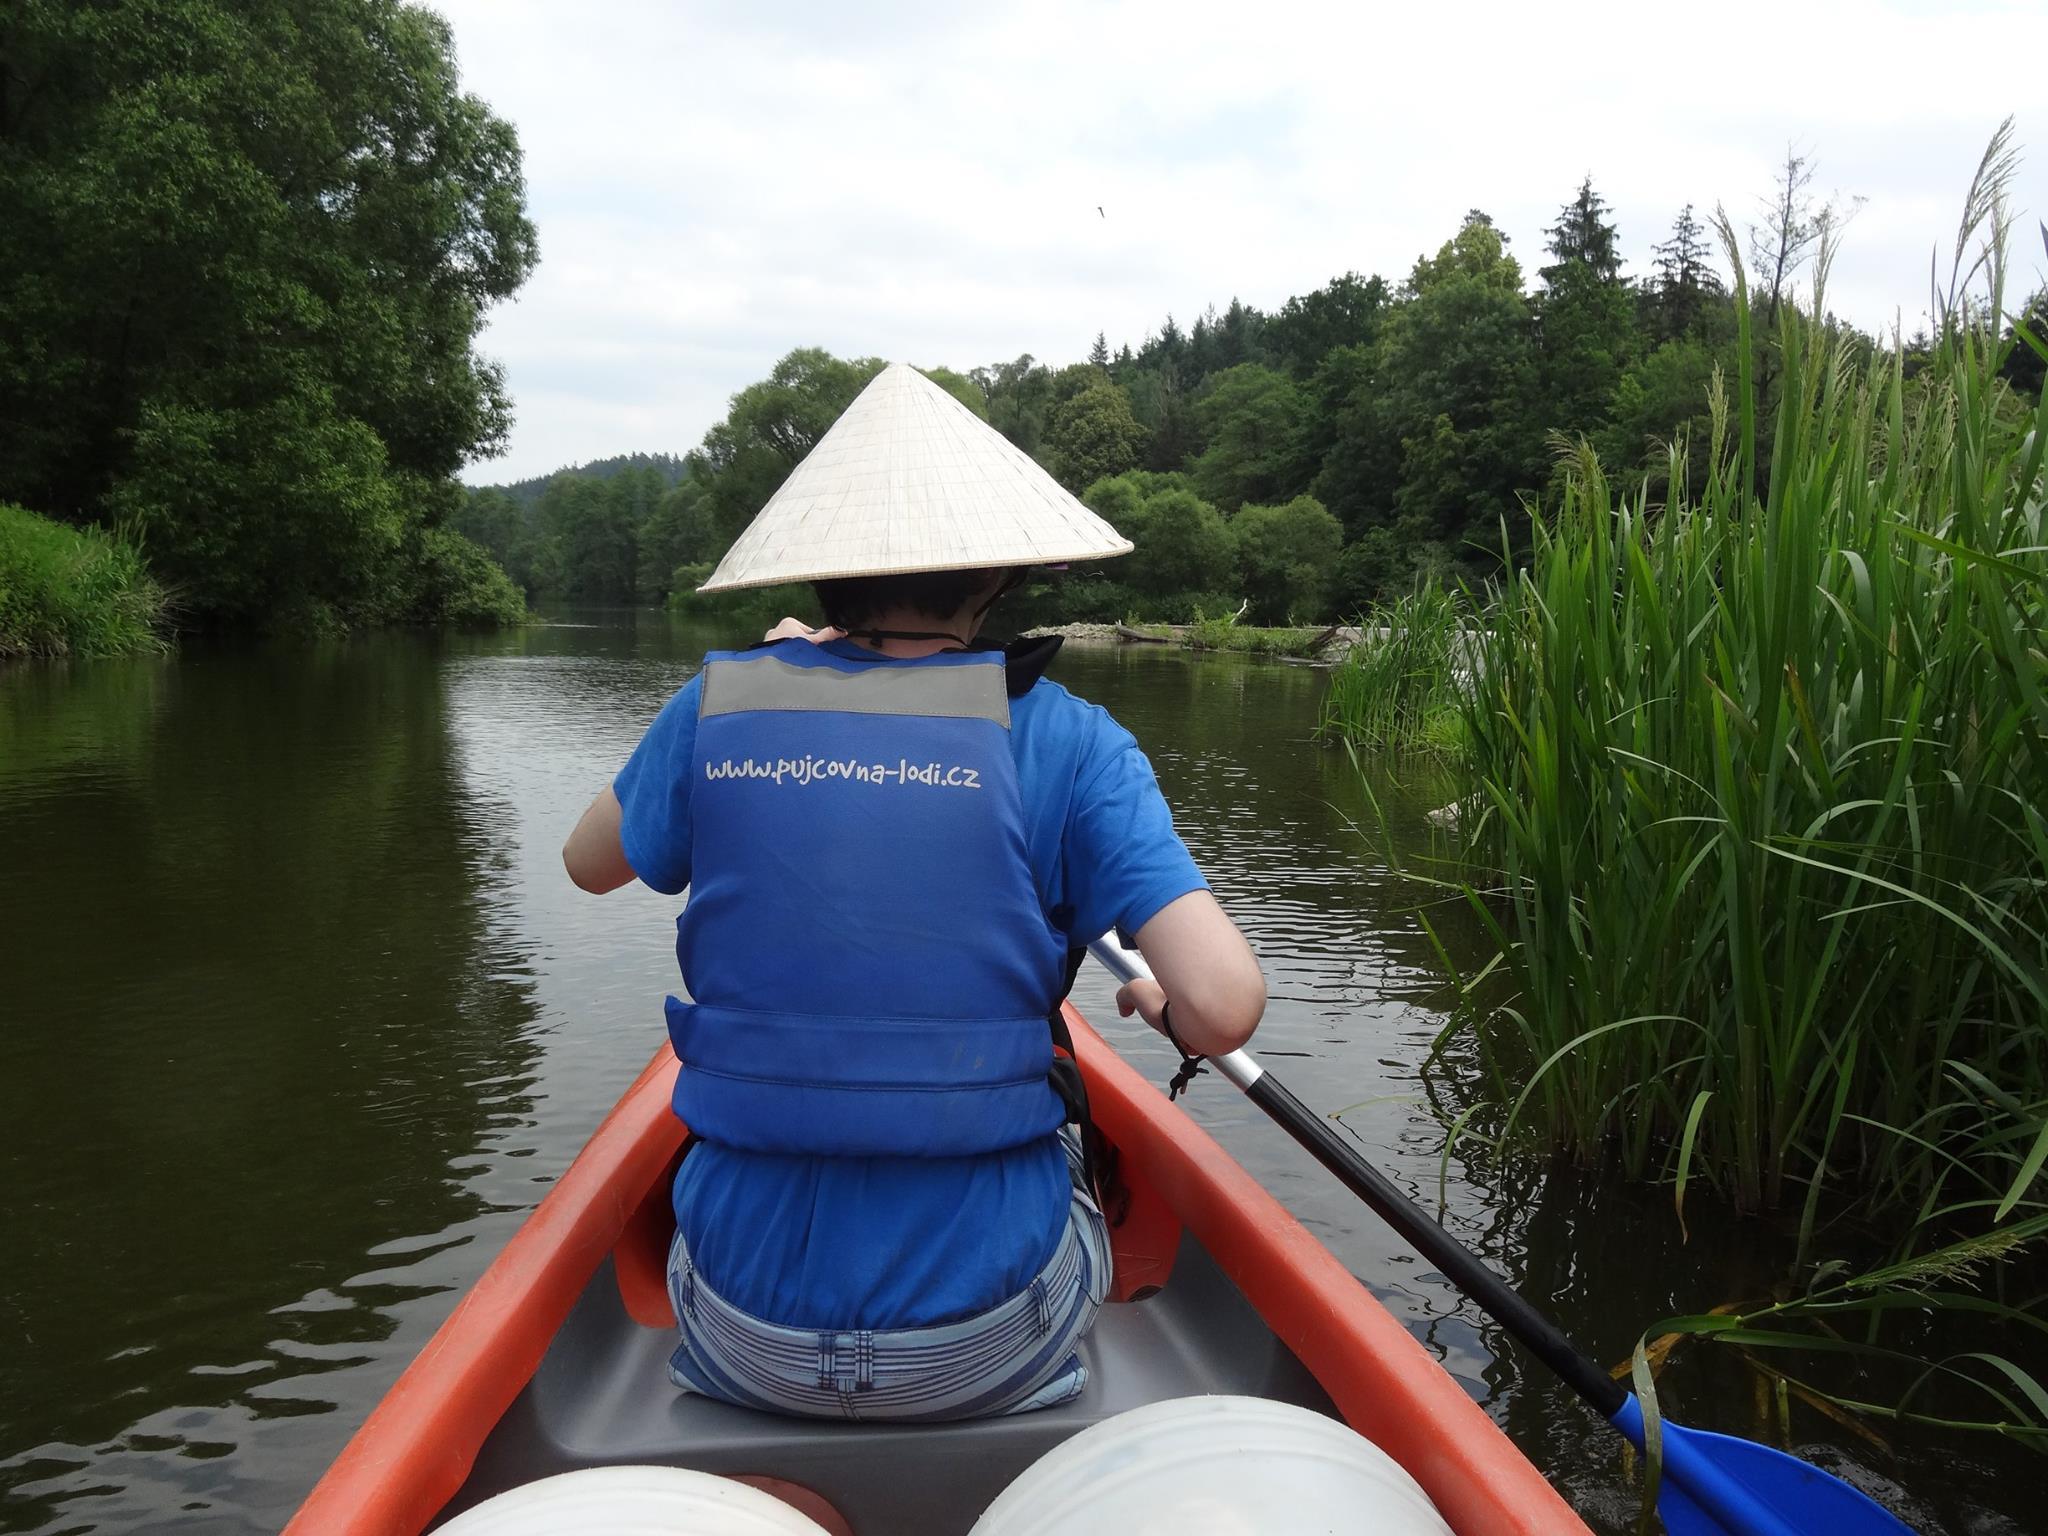 hikaru tenshin hokonono canoe water vacation